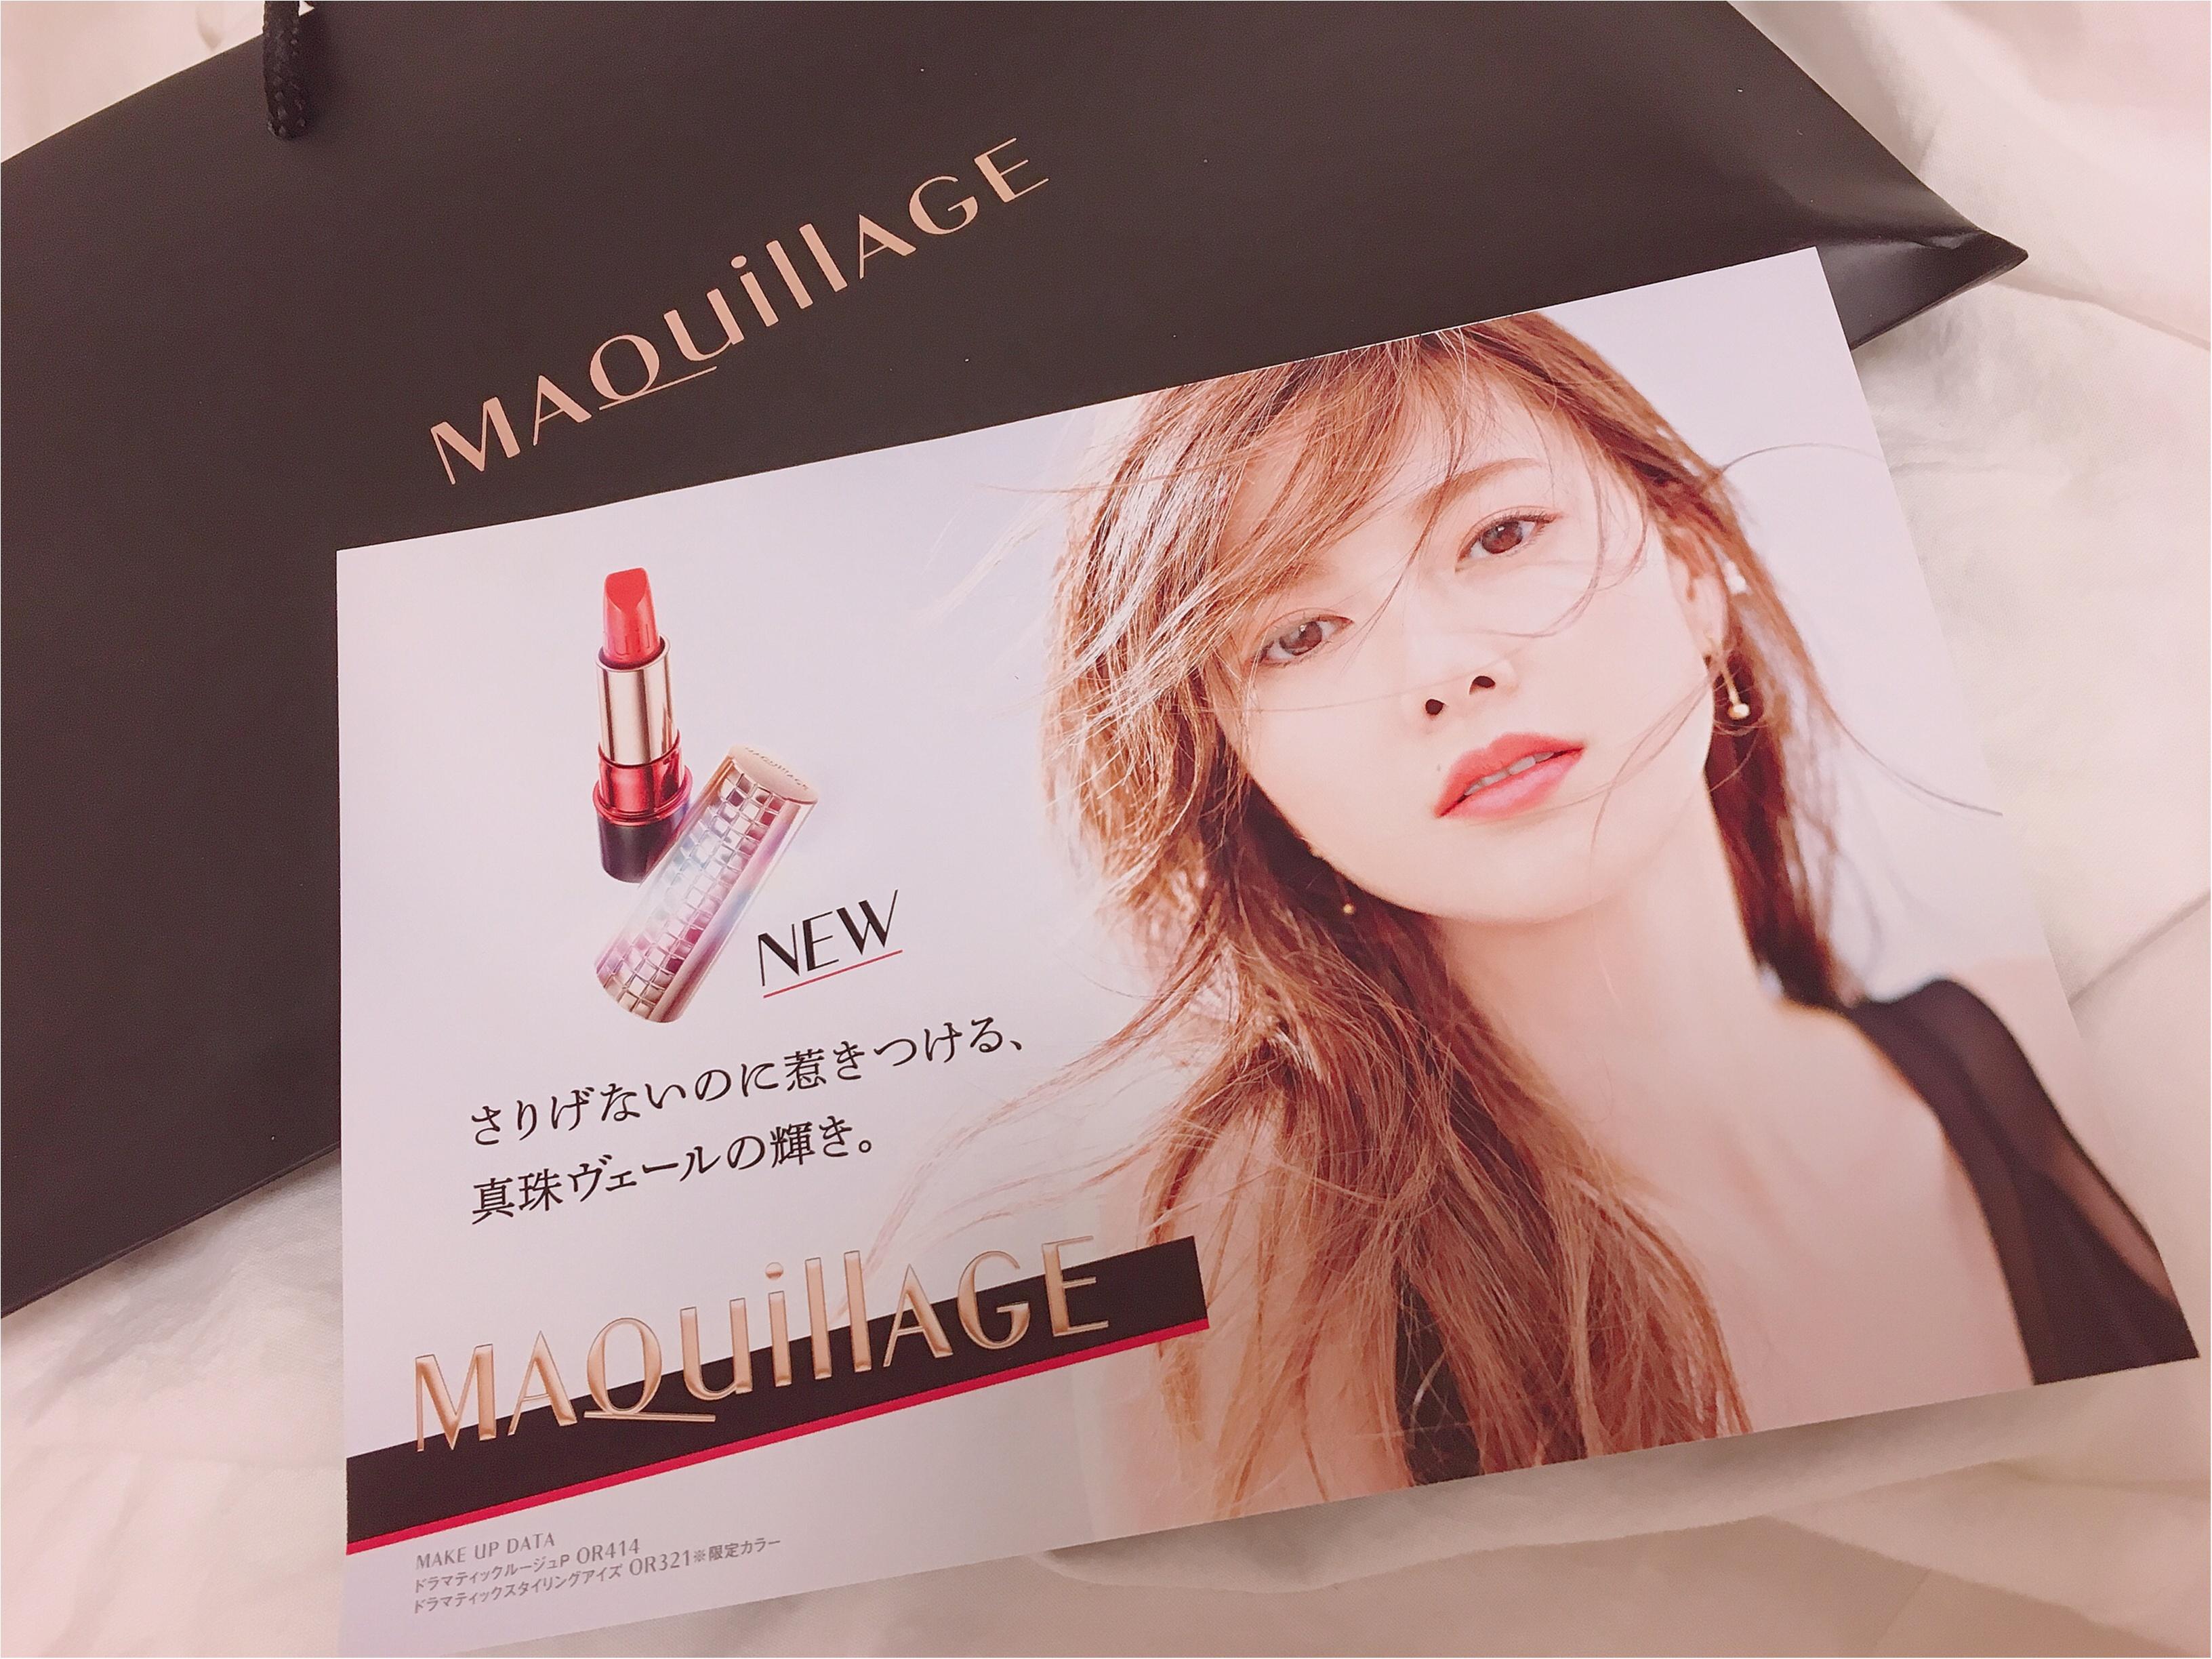 【資生堂MAQuillAGE(マキアージュ)】乃木坂46白石麻衣さんも登場♡Lady Moment Partyで「レディにしあがれ。」_5